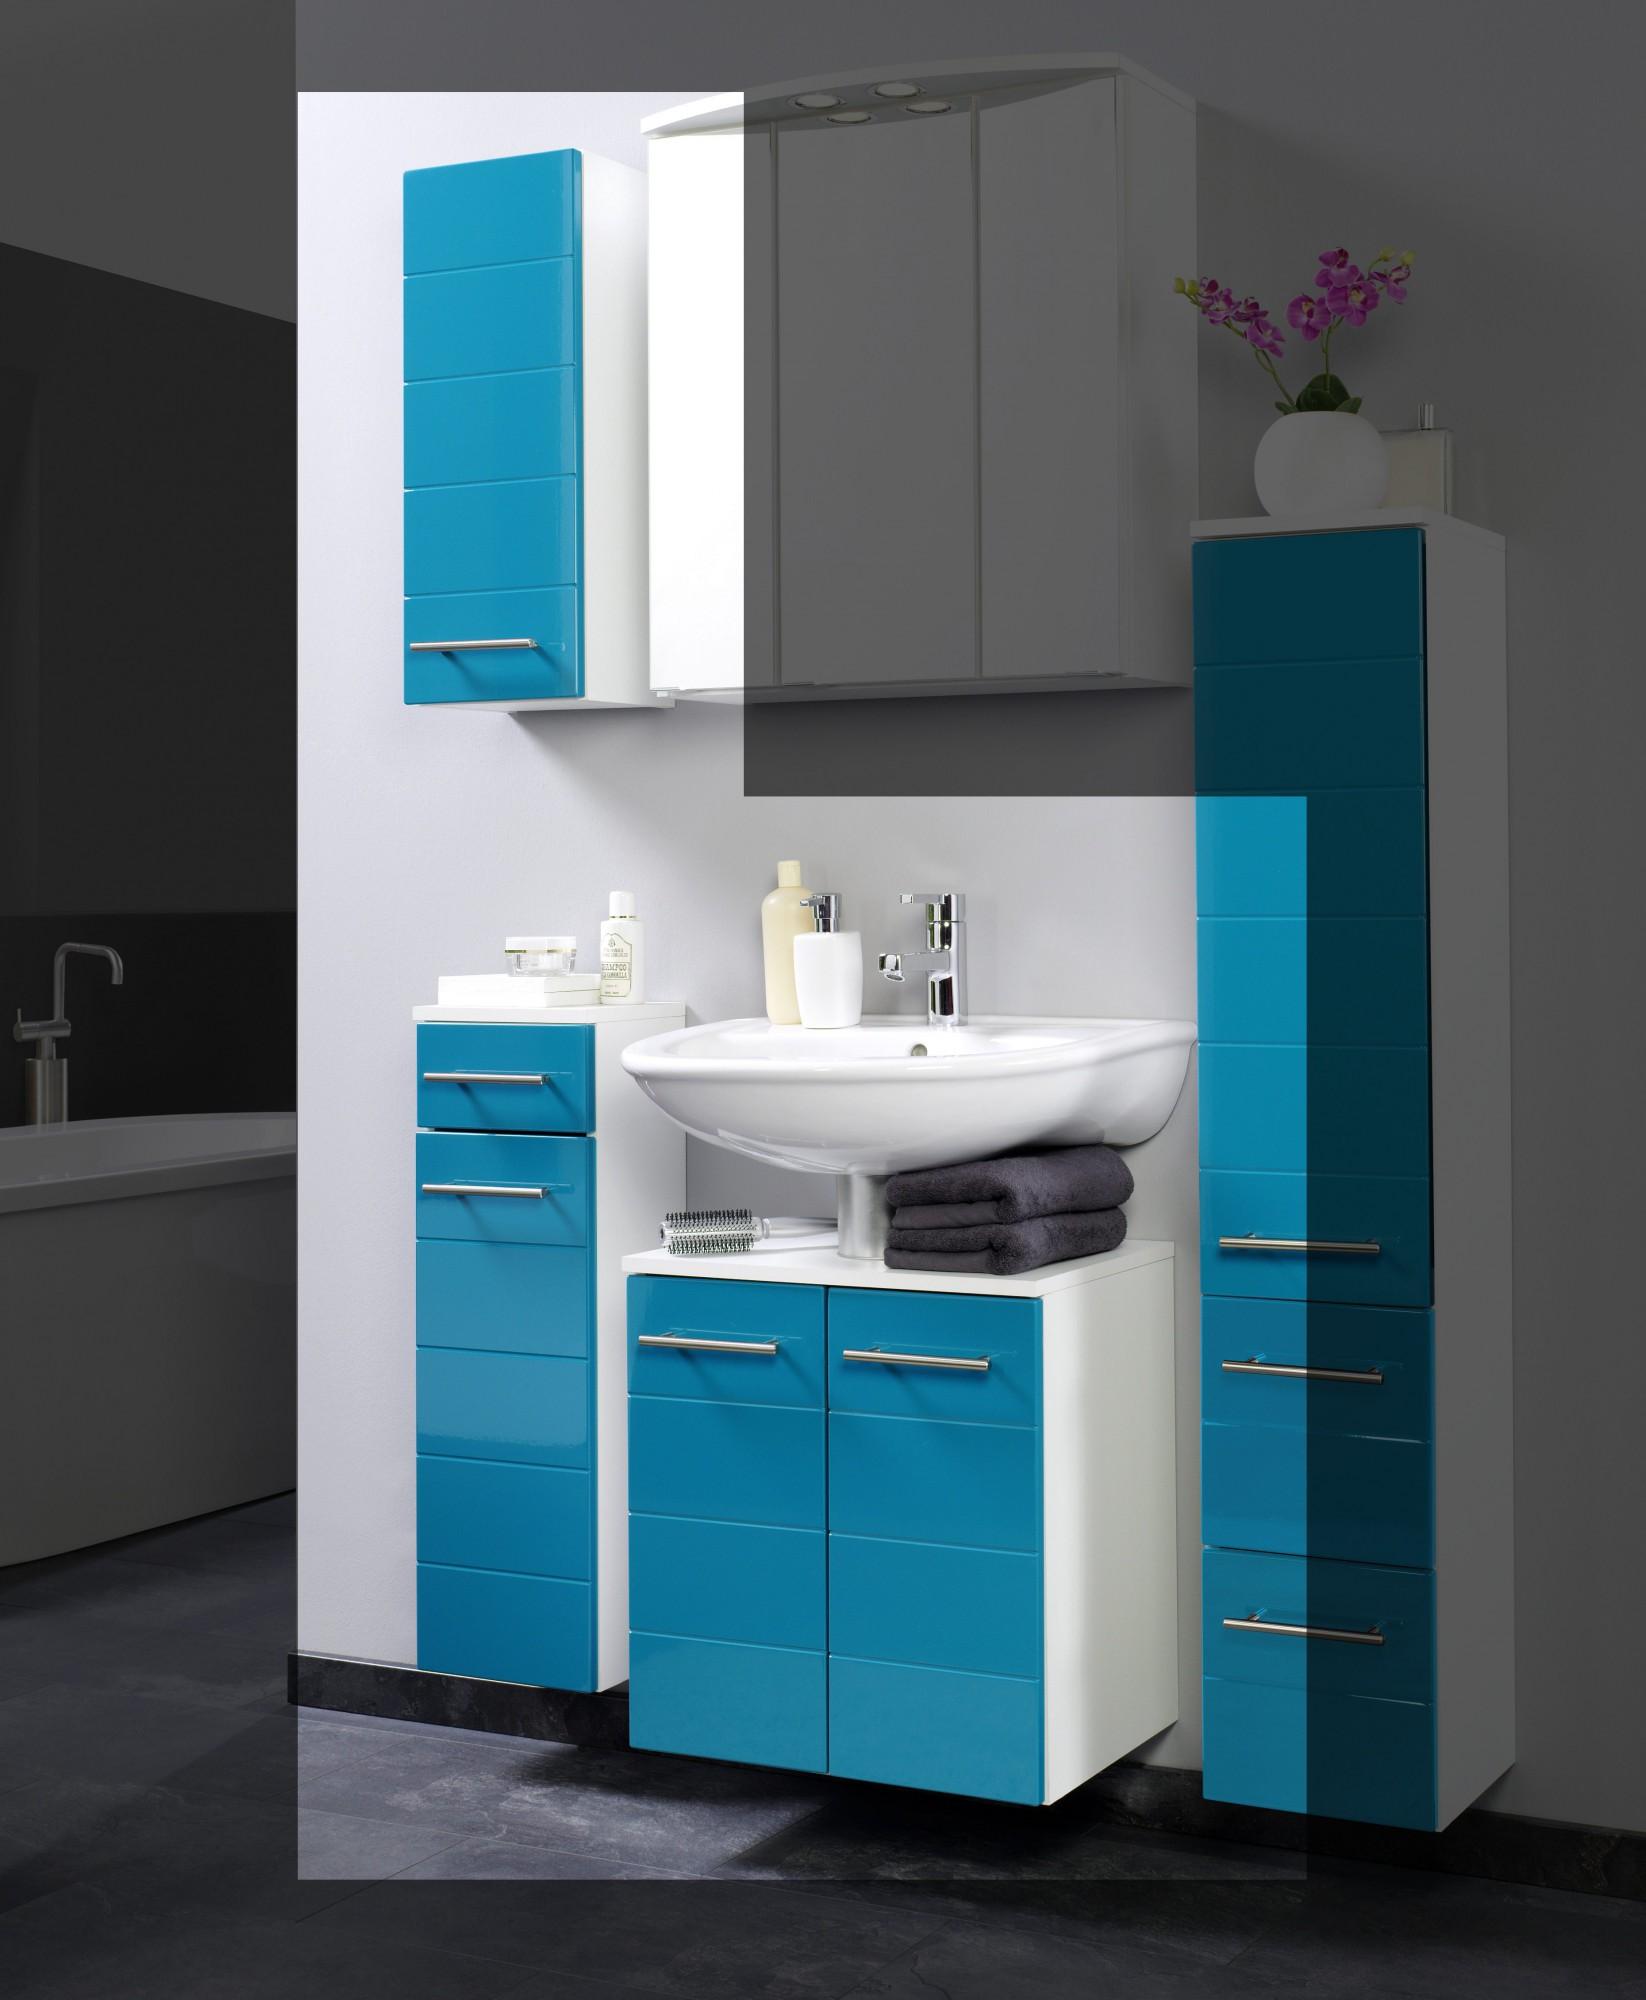 Details zu Badmöbelset RIMINI Badezimmer-Set Waschbeckenschrank Badmöbel  Badschränke türkis